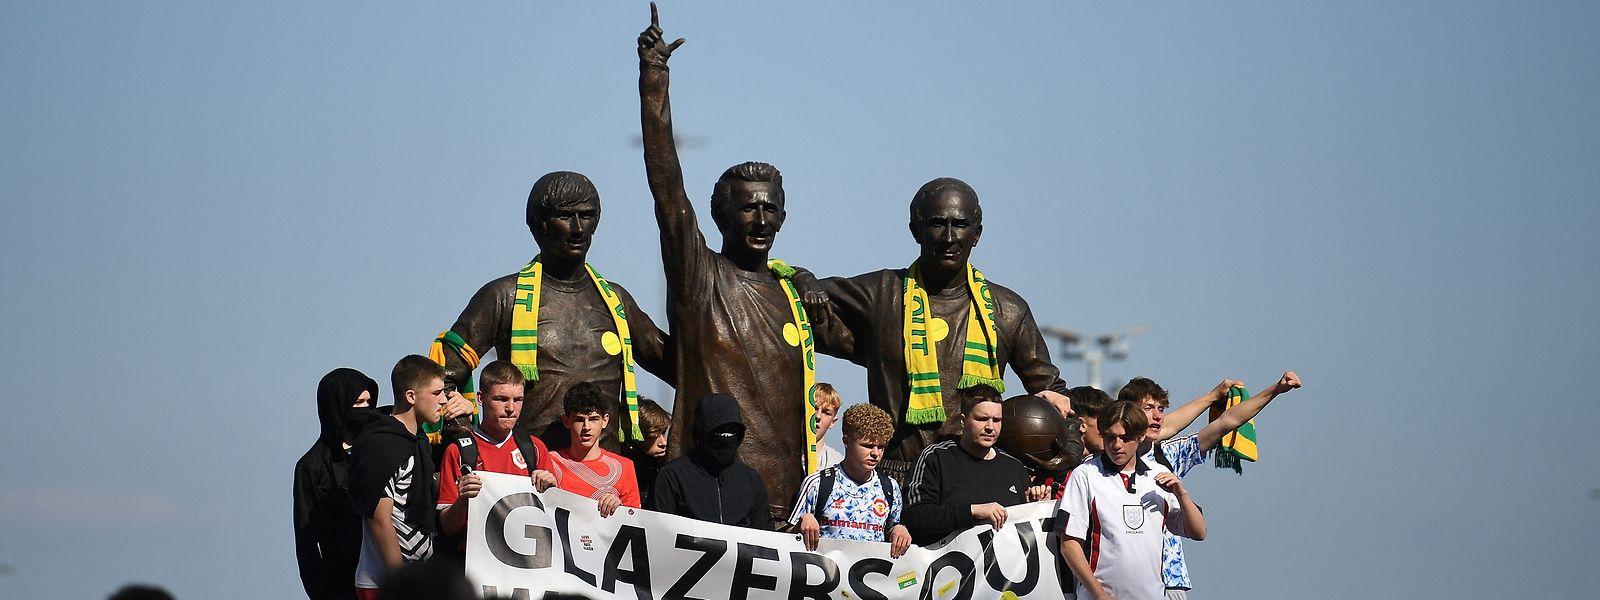 Adeptos ingleses do Manchester United, um dos seis clubes ingleses que abandonou o projeto da superliga (mesmo antes de ver a luz do dia) após protestos inflamados dos fãs.